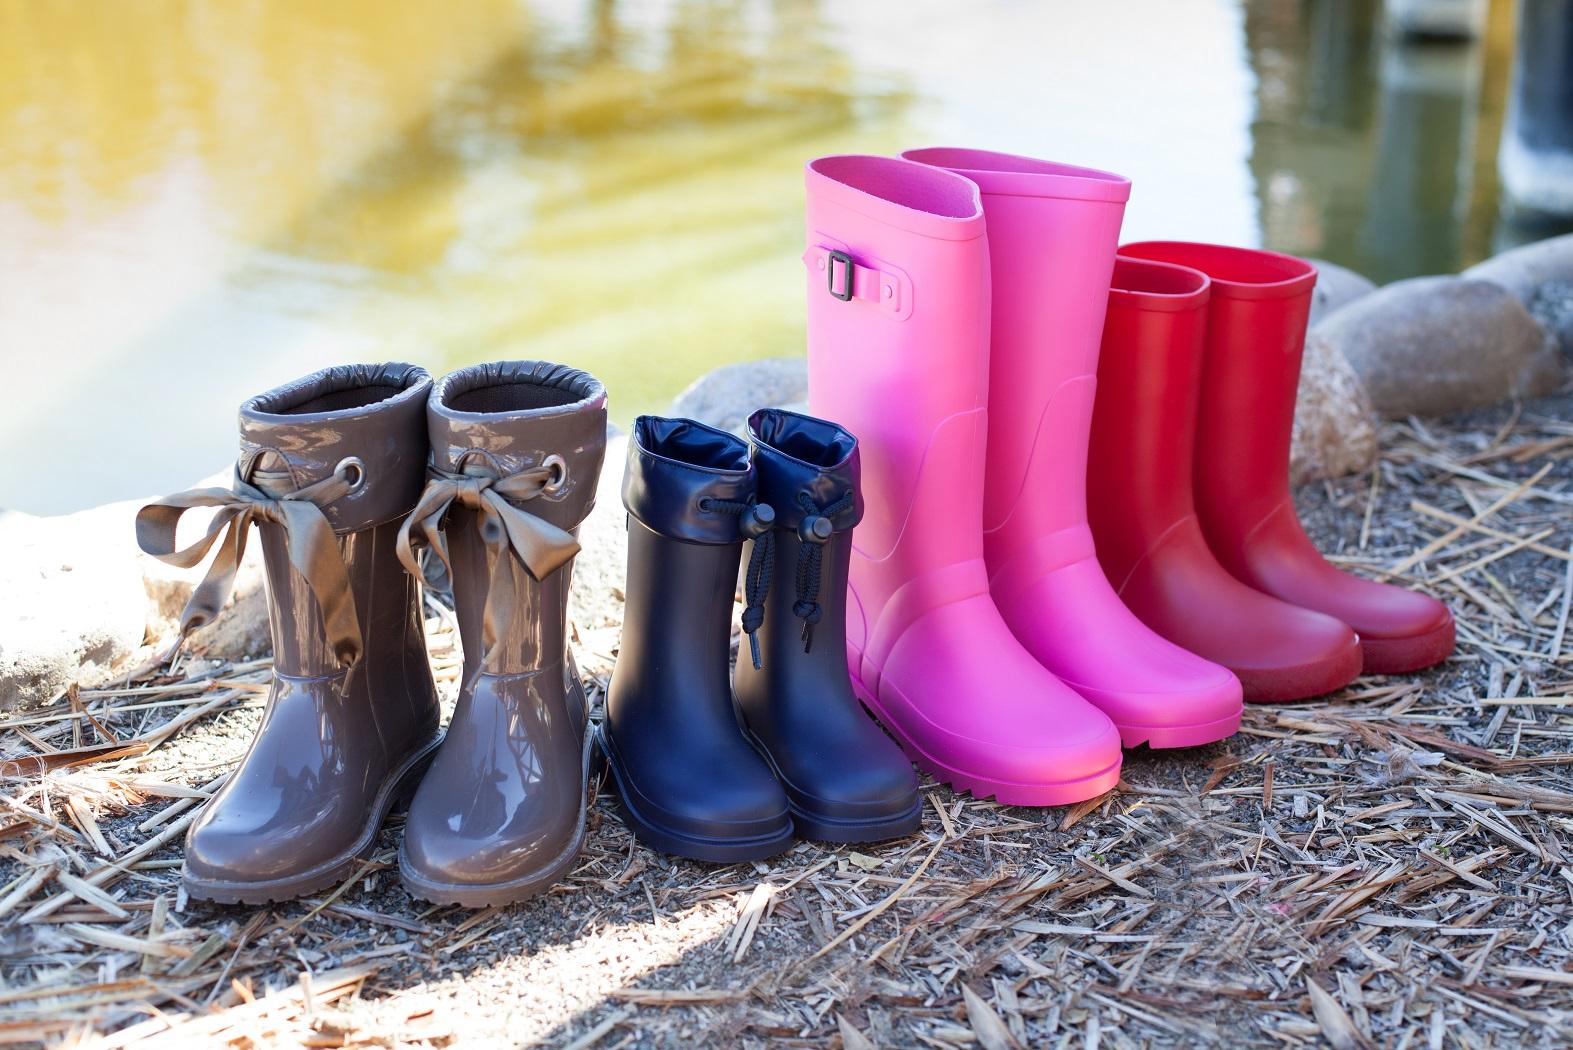 Comment nettoyer les bottes de pluie